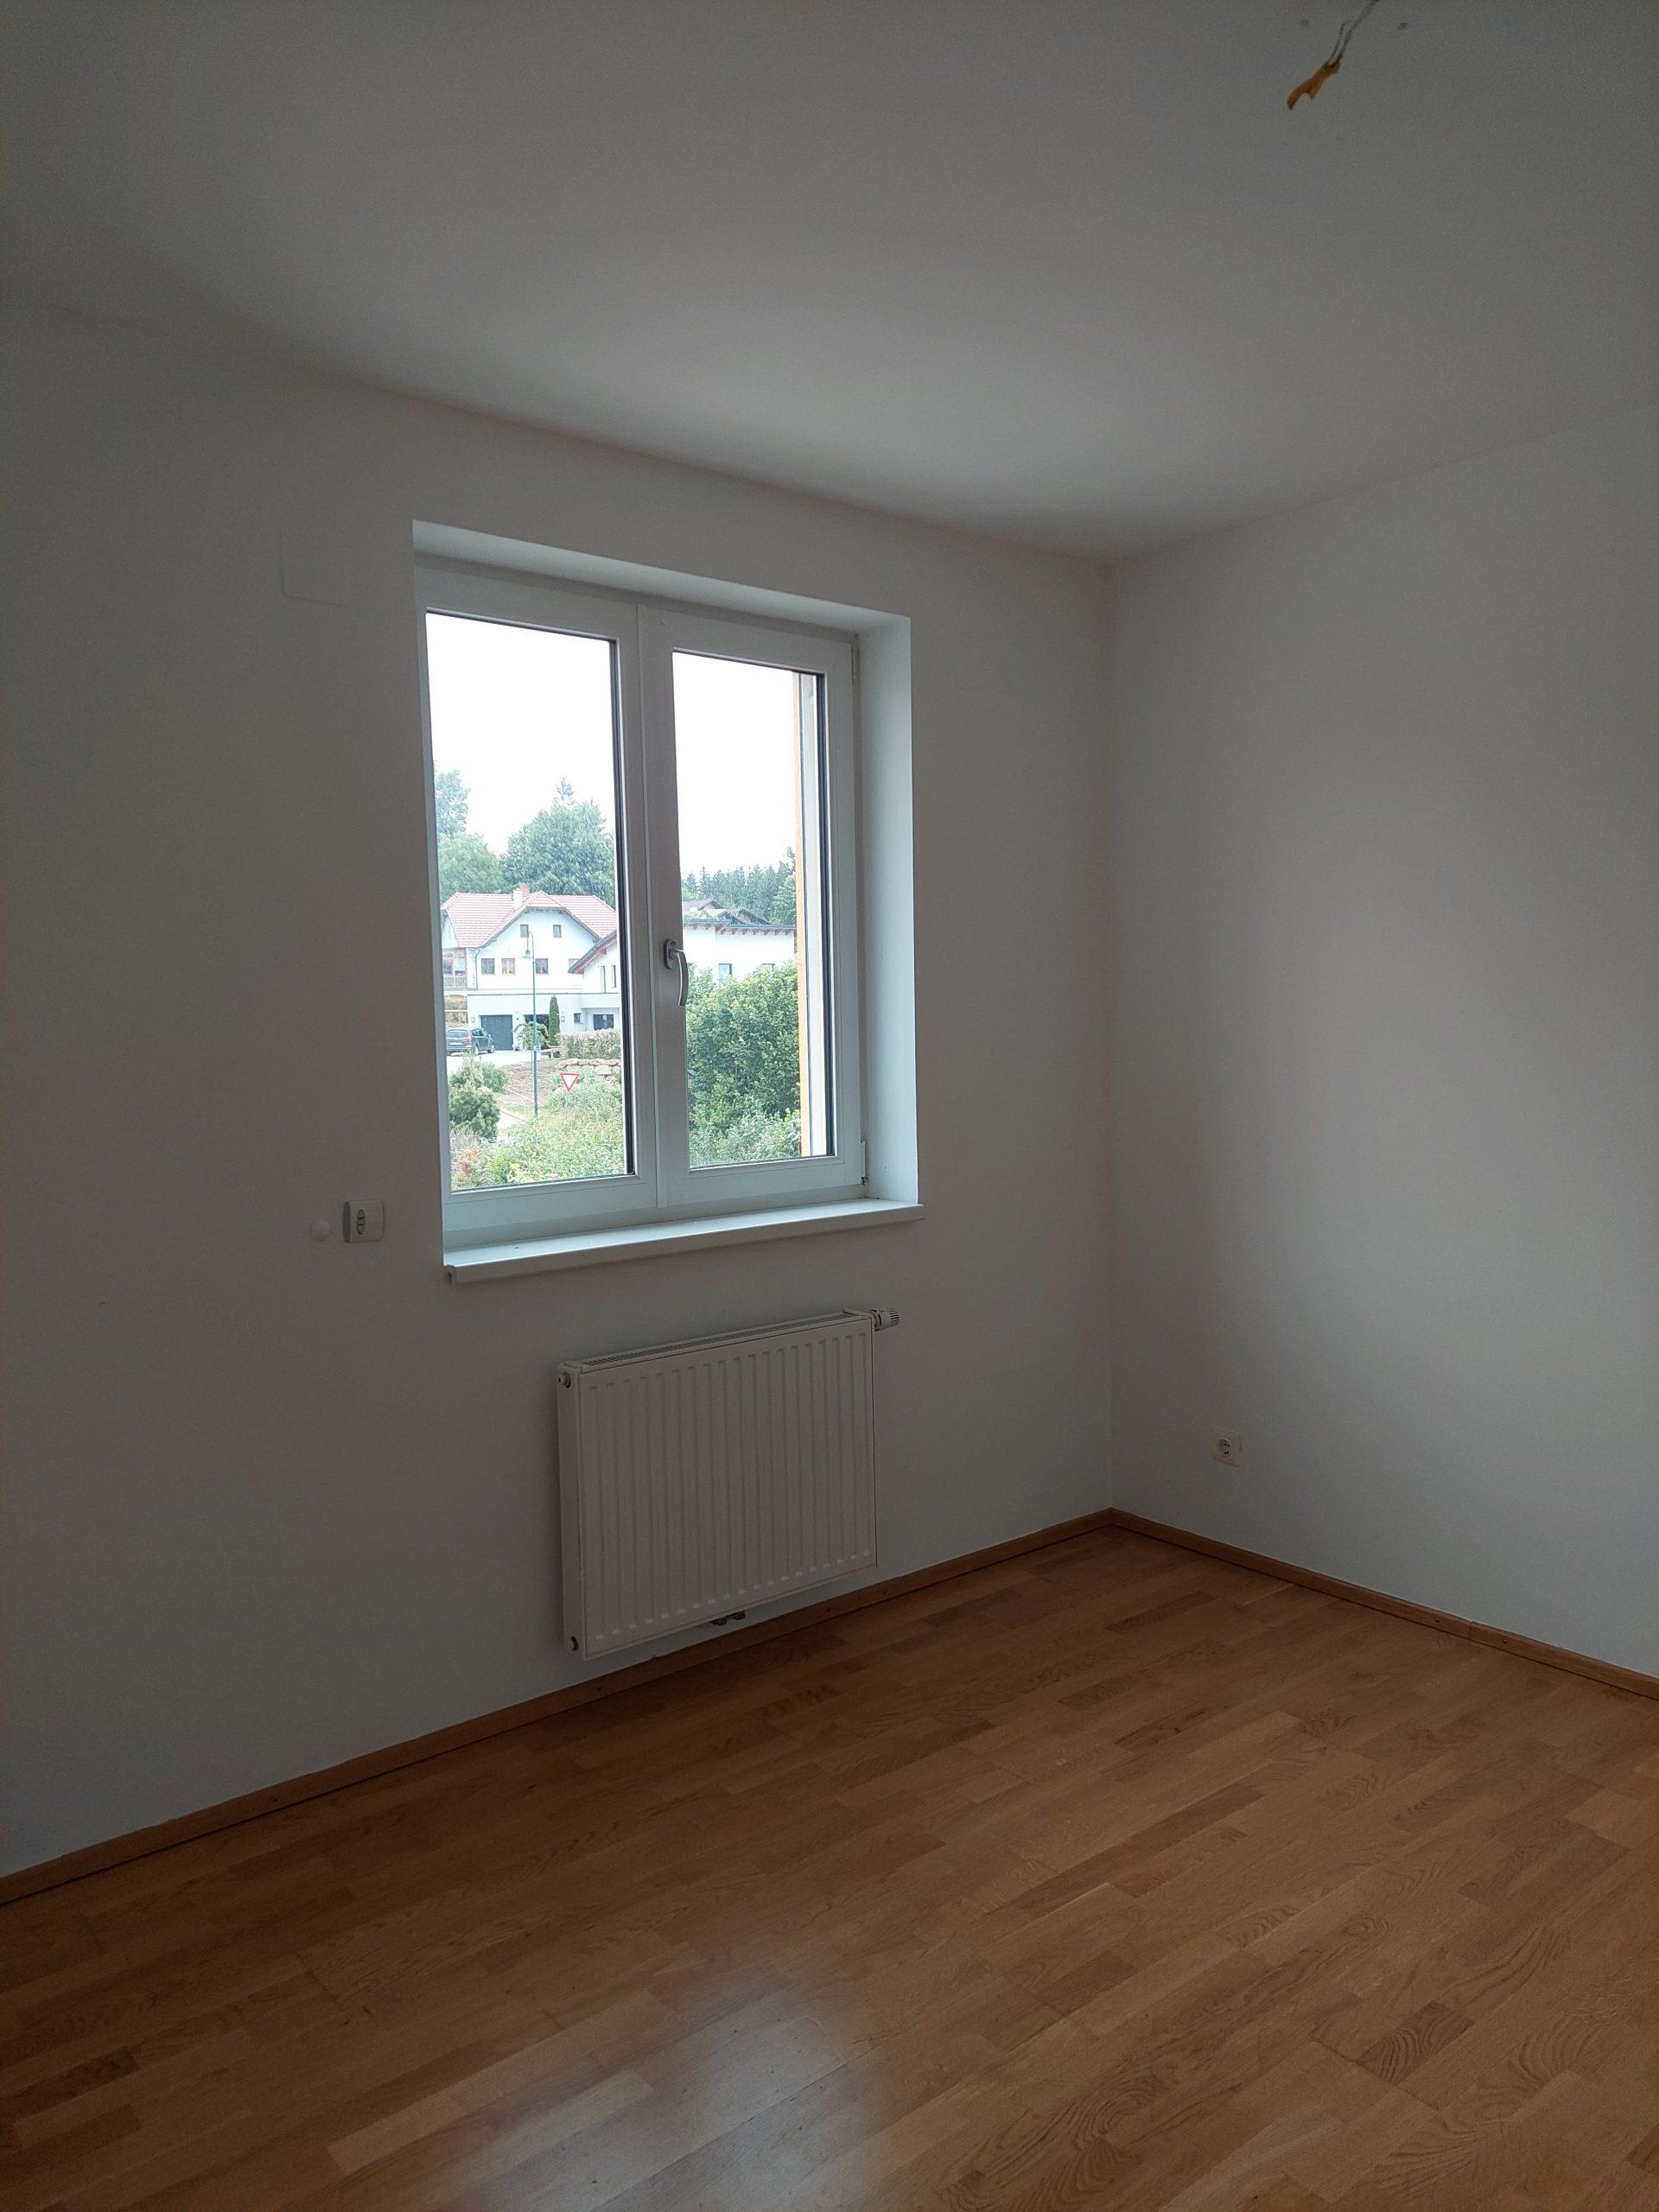 Immobilie von Kamptal in 3632 Bad Traunstein, Zwettl, Bad Traunstein I - Top 9 #3